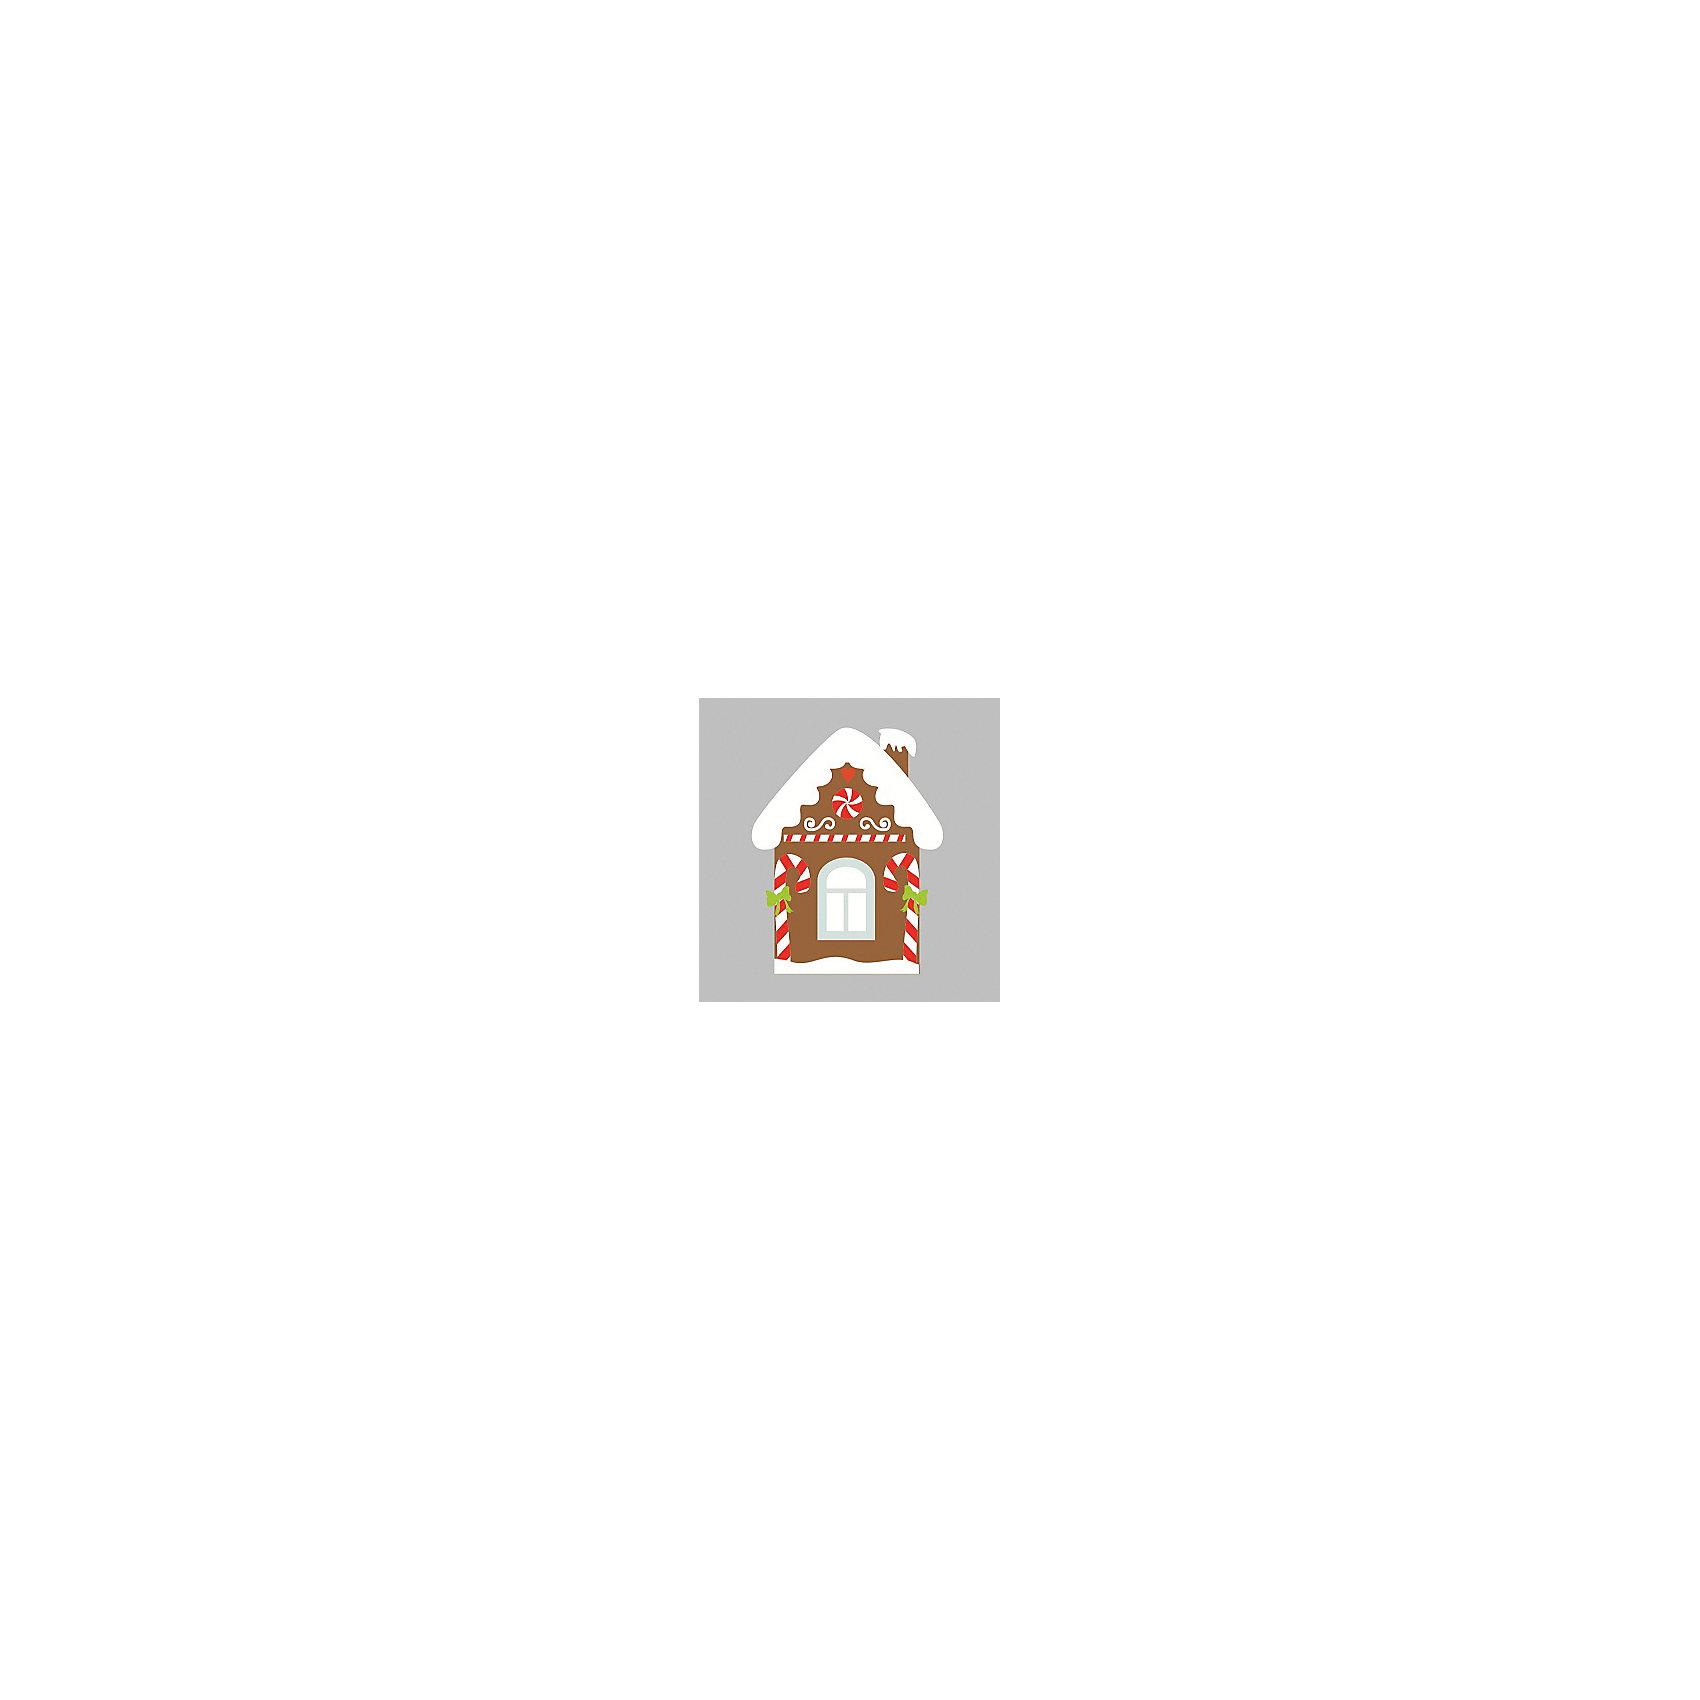 CENTRUM Набор для детского творчества Пряничный домик из фетра, высота 30 см набор для детского творчества набор веселая кондитерская 1 кг